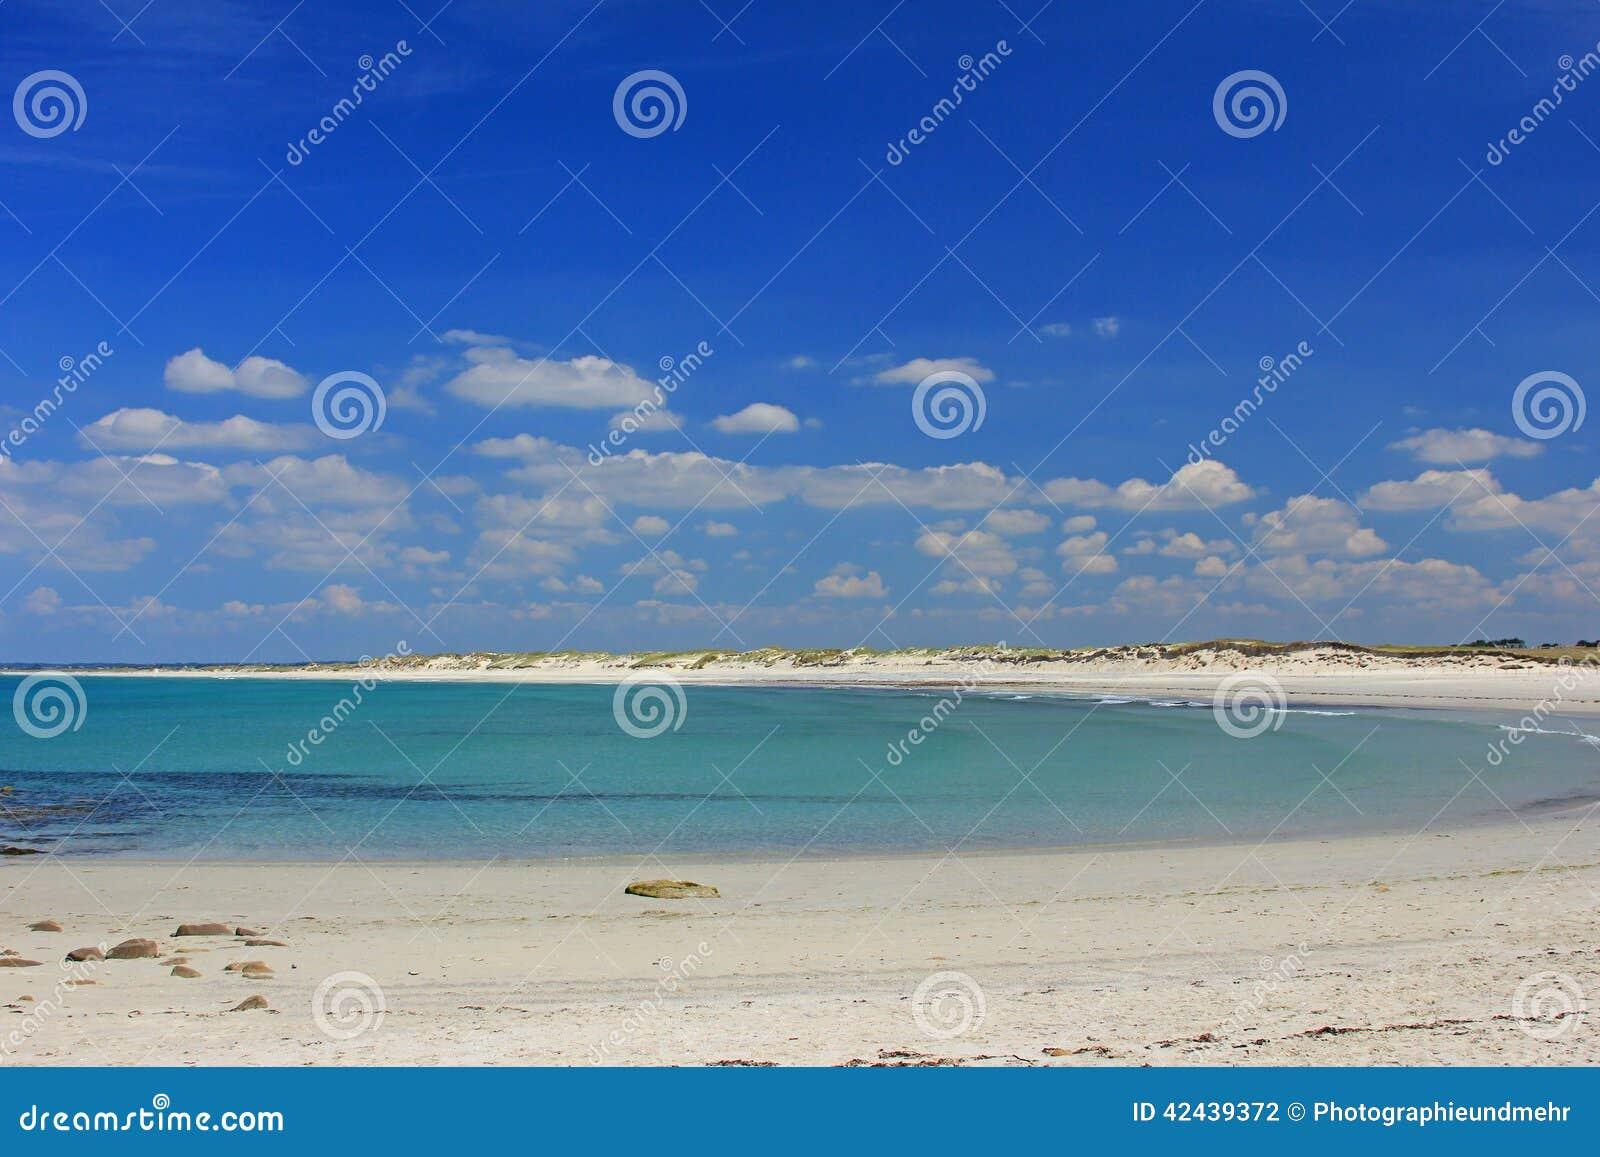 Playa en el Océano Atlántico